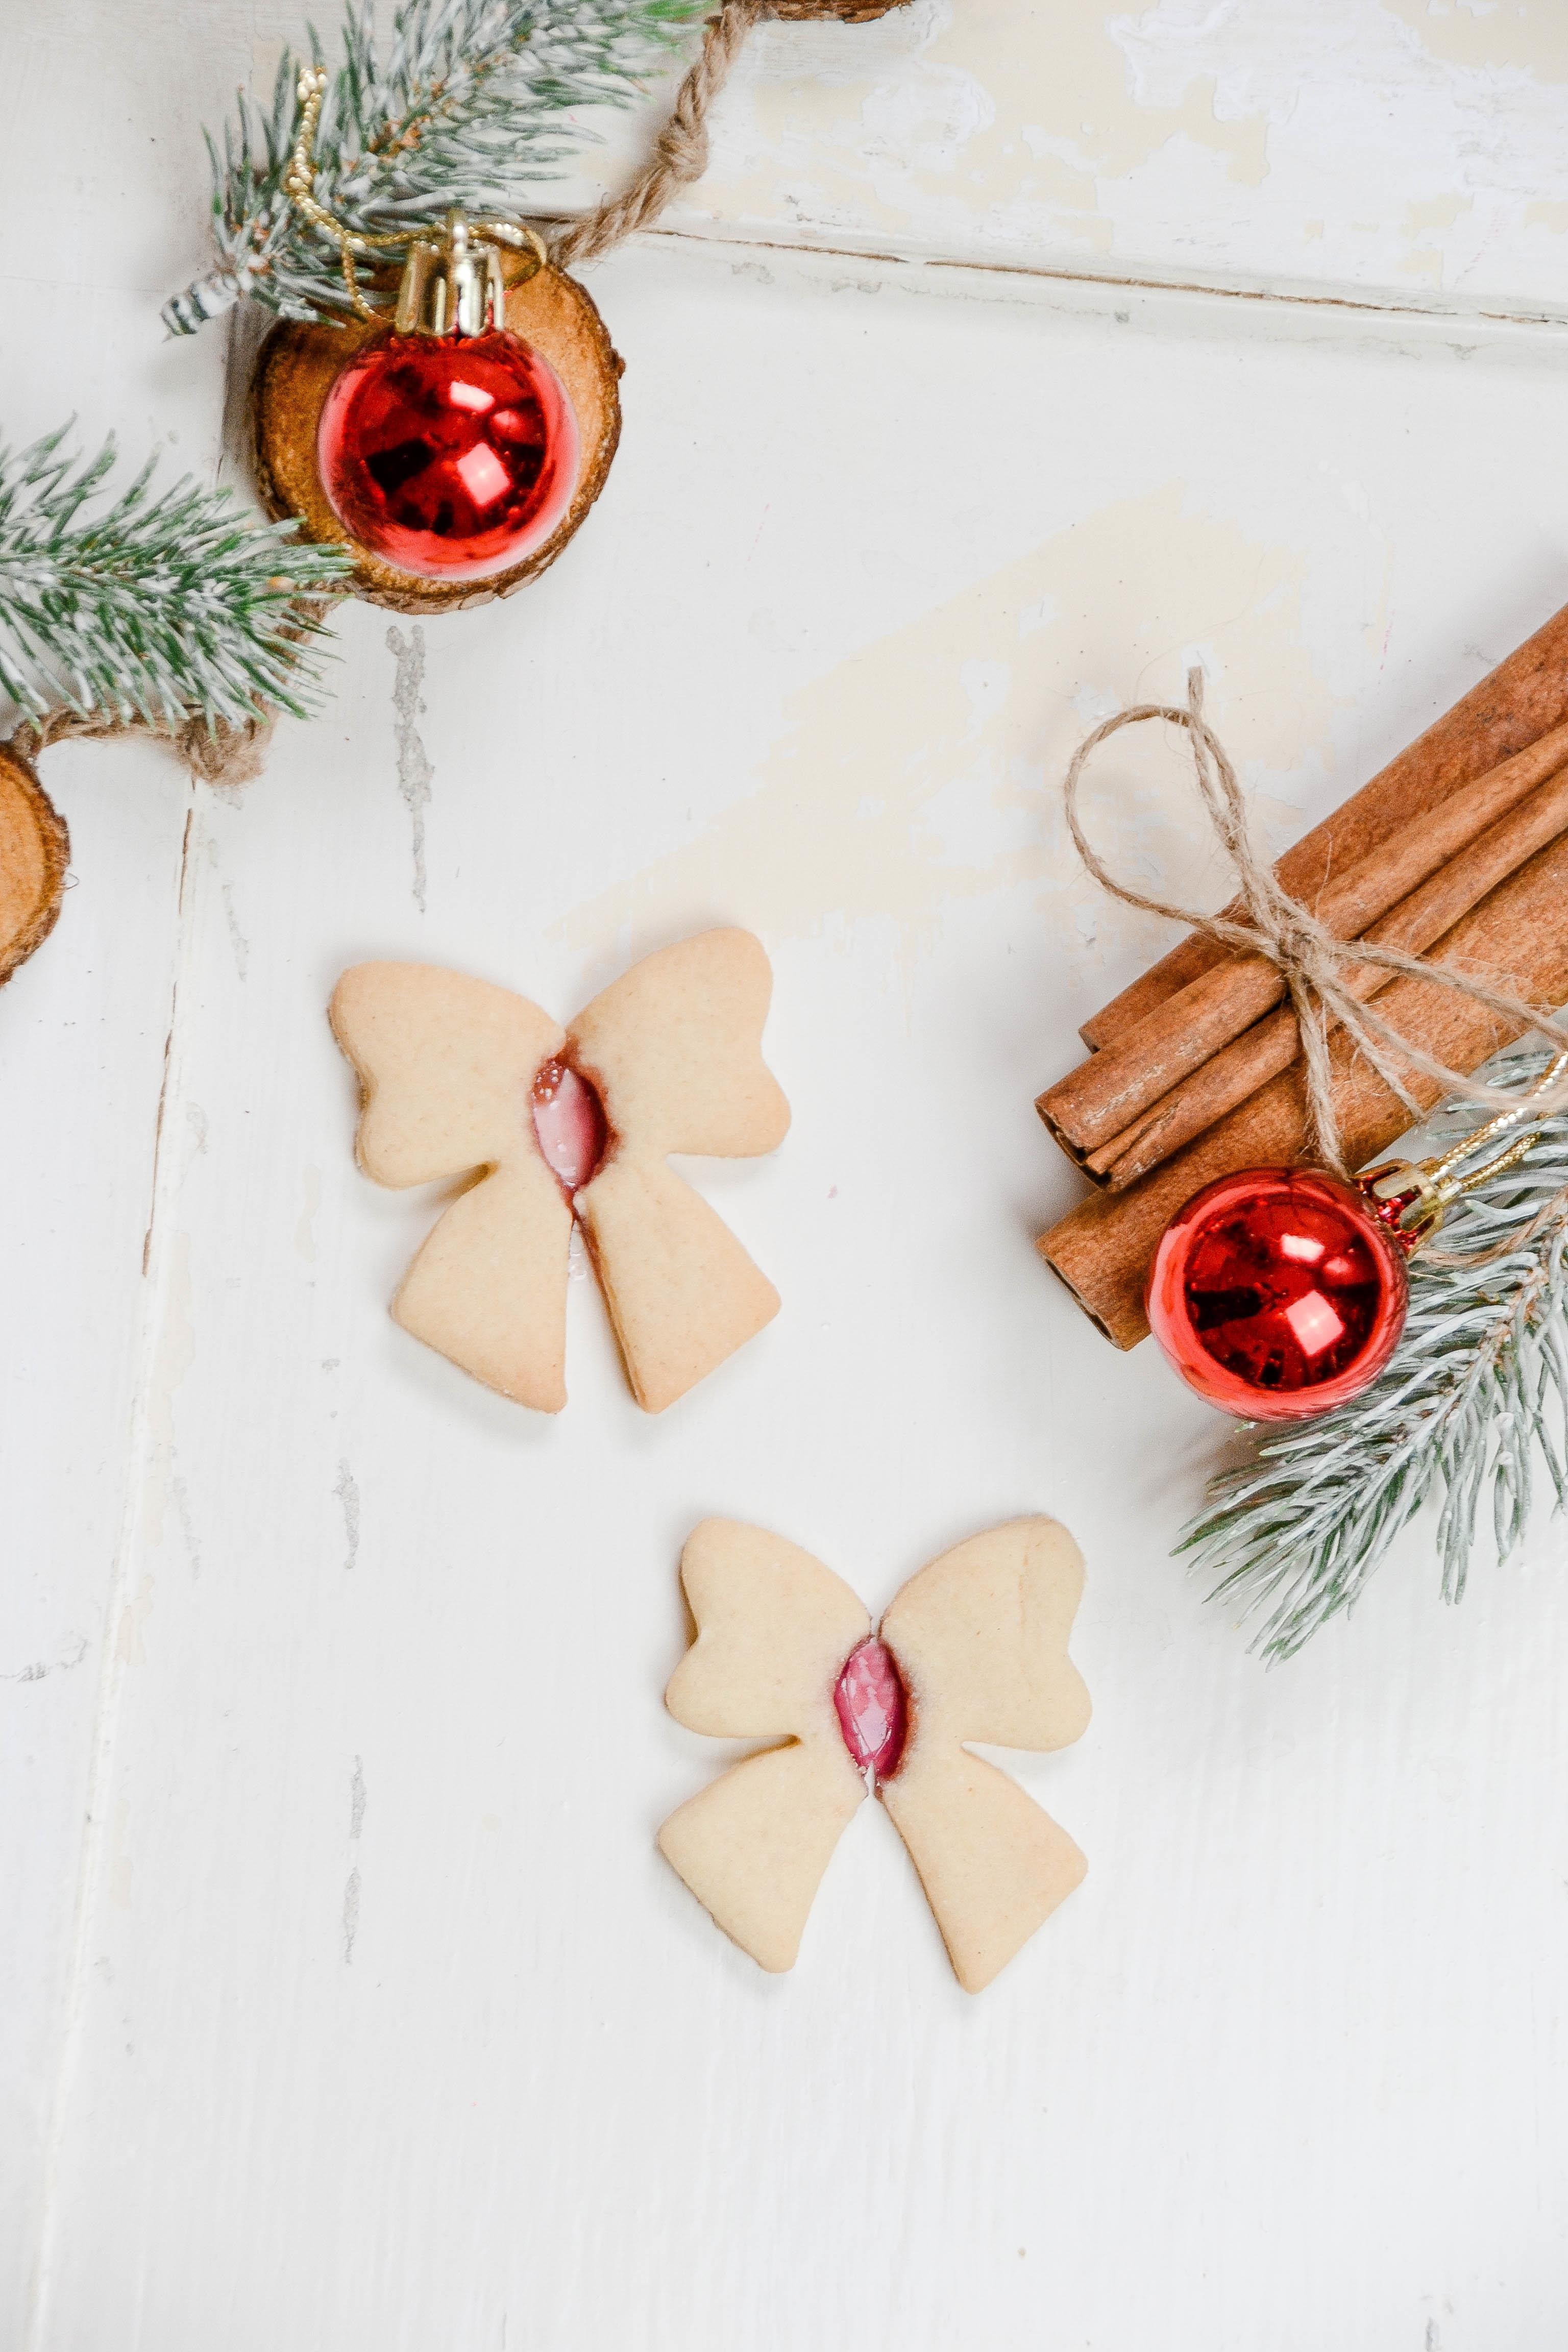 Rezept für Fensterglas-Plätzchen, Rezept für Fensterkekse, Bunte Keks-Fenster, backen in der weihnachtszeit, mondere Plätzchen Rezept, Plätzchen fürs Auge, Instagram worthy cookies, Stained Glass Cookies rezept